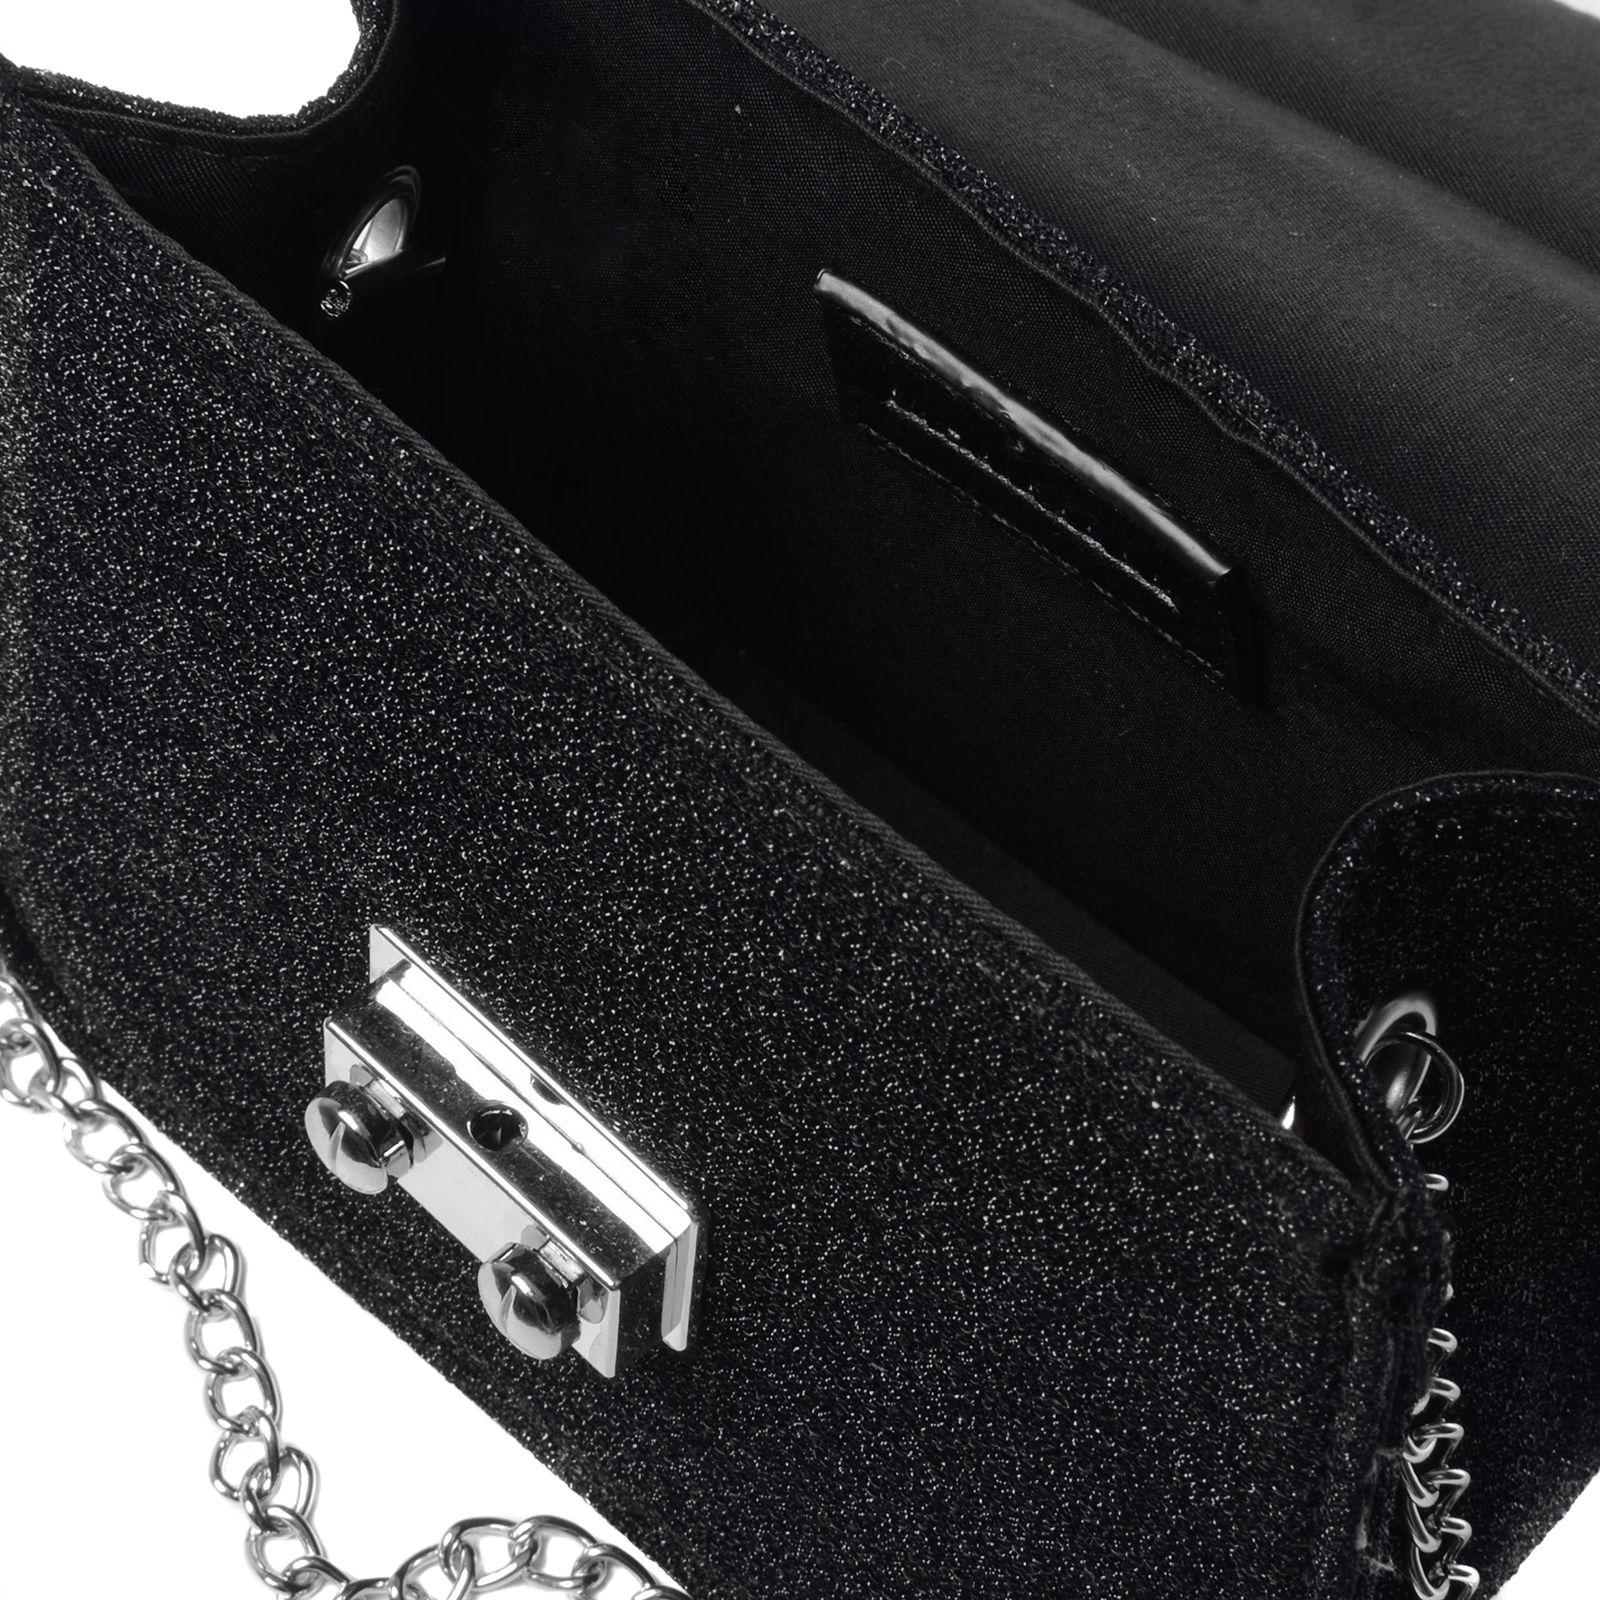 Zwart schoudertasje met franjes : Zwart schoudertasje met glitters tassen manfield